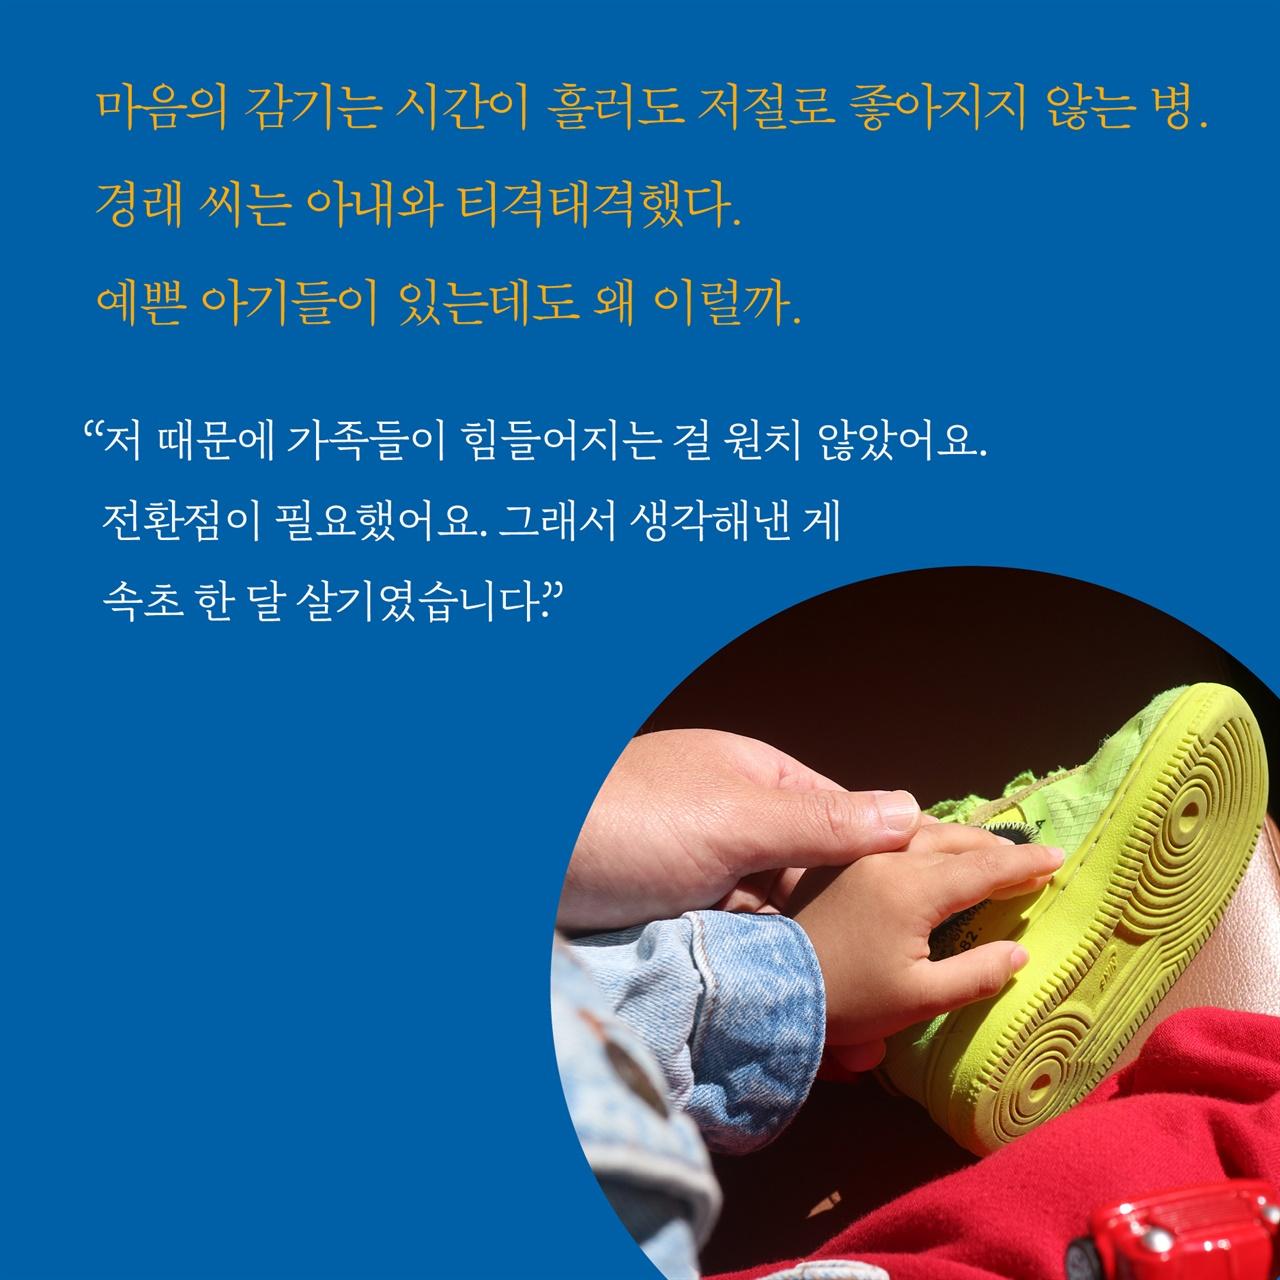 직장 스트레스로 우울증을 앓았던 김경래씨는 좋은 아빠, 다정한 남편이 되기 위해 아들 동해랑 단둘이 속초에서 한 달 살기를 했다.